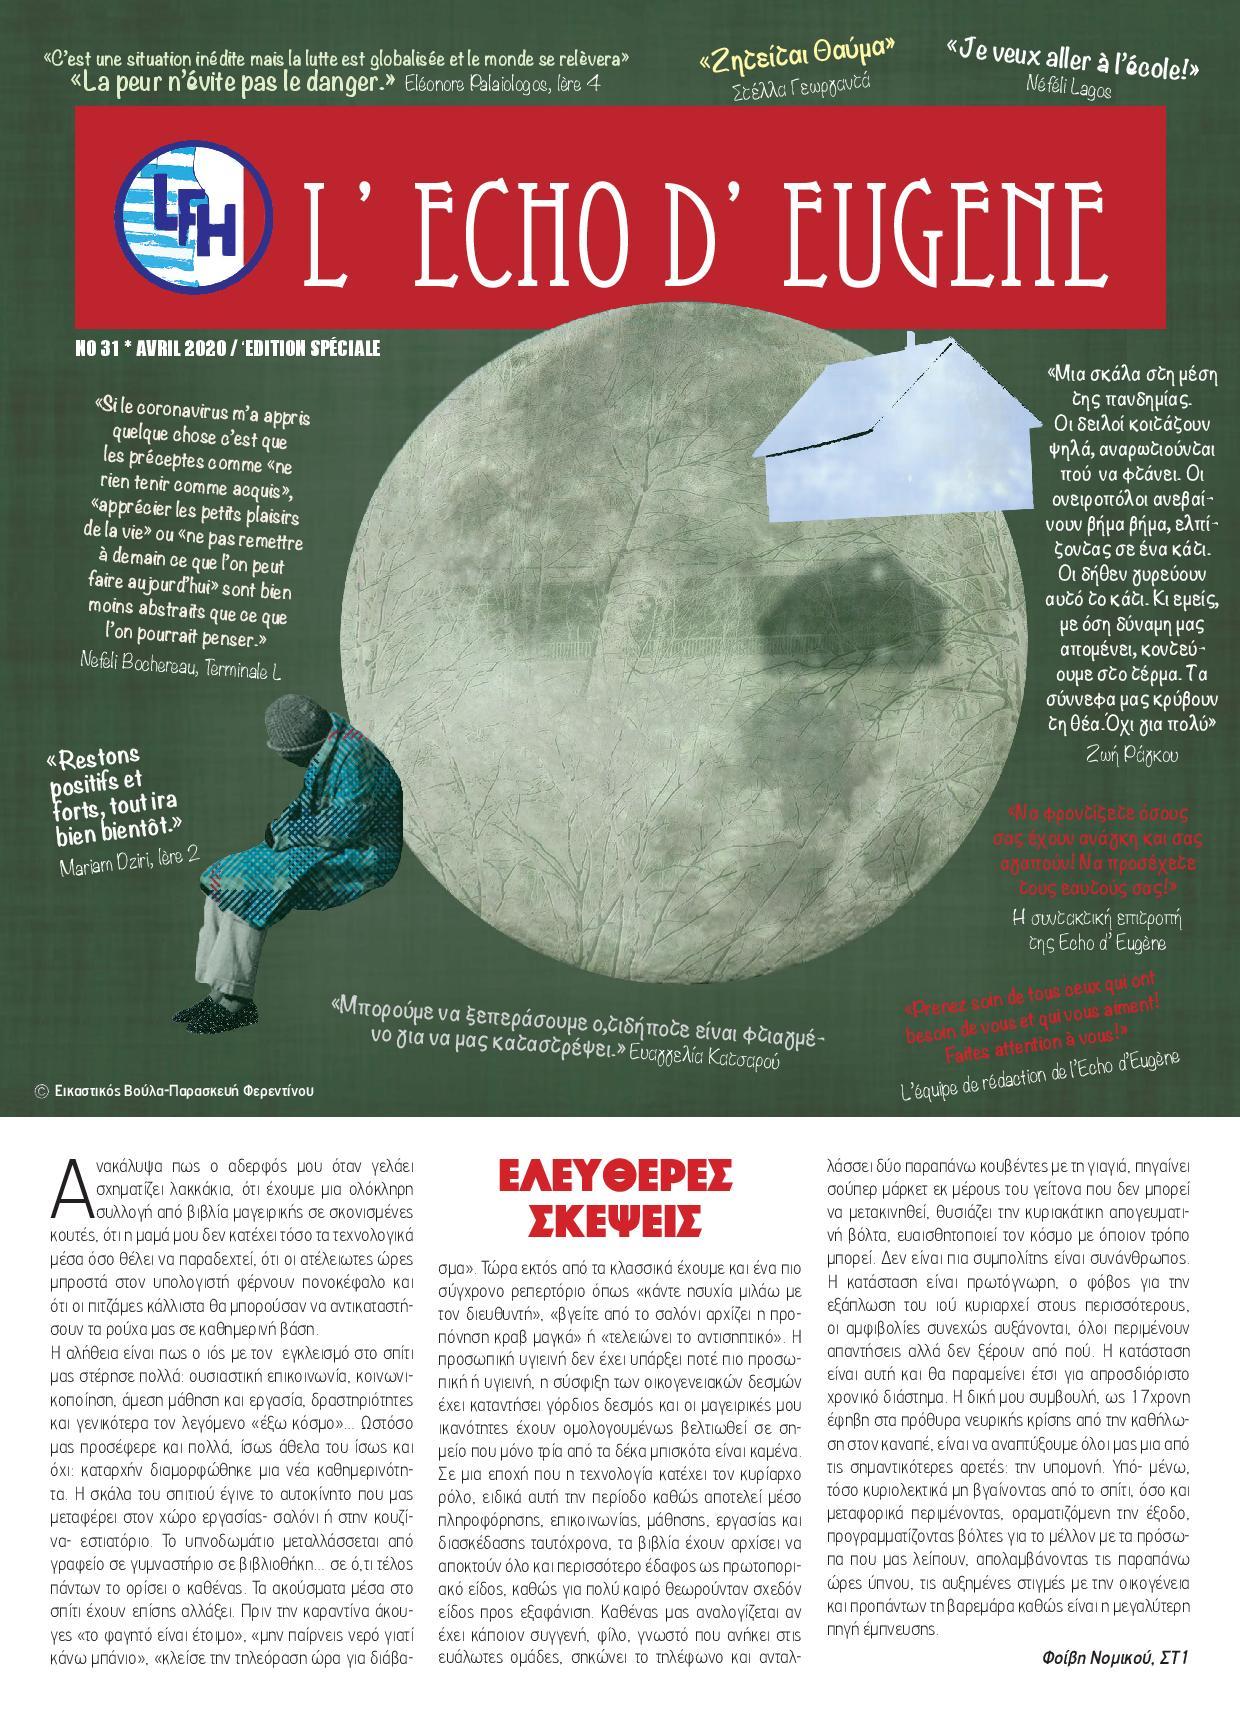 Découvrez le numéro spécial confinement de l'Echo d'Eugène (n°31 - Avril 2020)